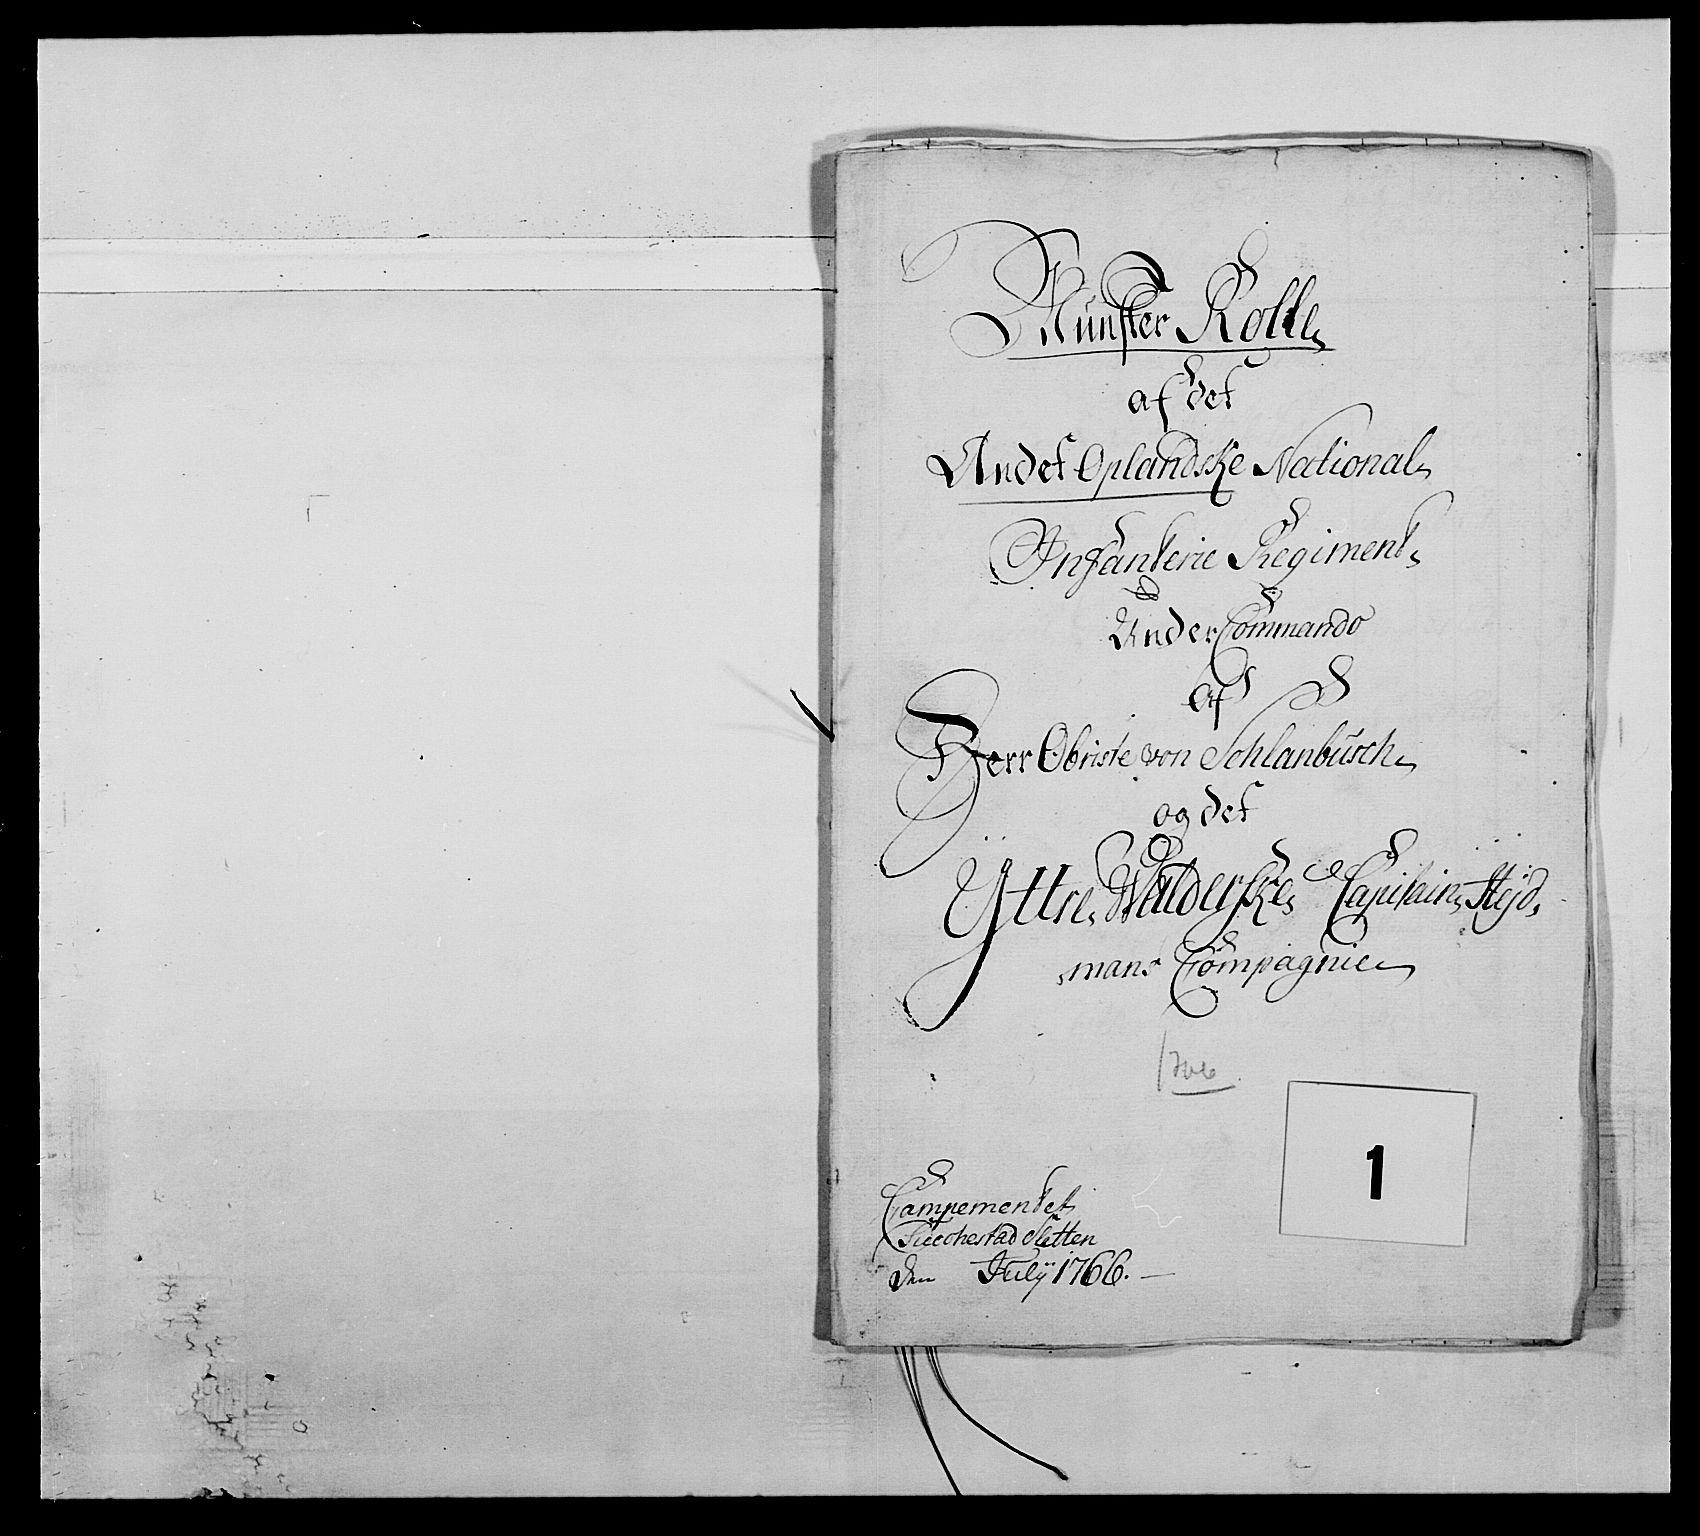 RA, Kommanderende general (KG I) med Det norske krigsdirektorium, E/Ea/L0507: 2. Opplandske regiment, 1766-1767, p. 6